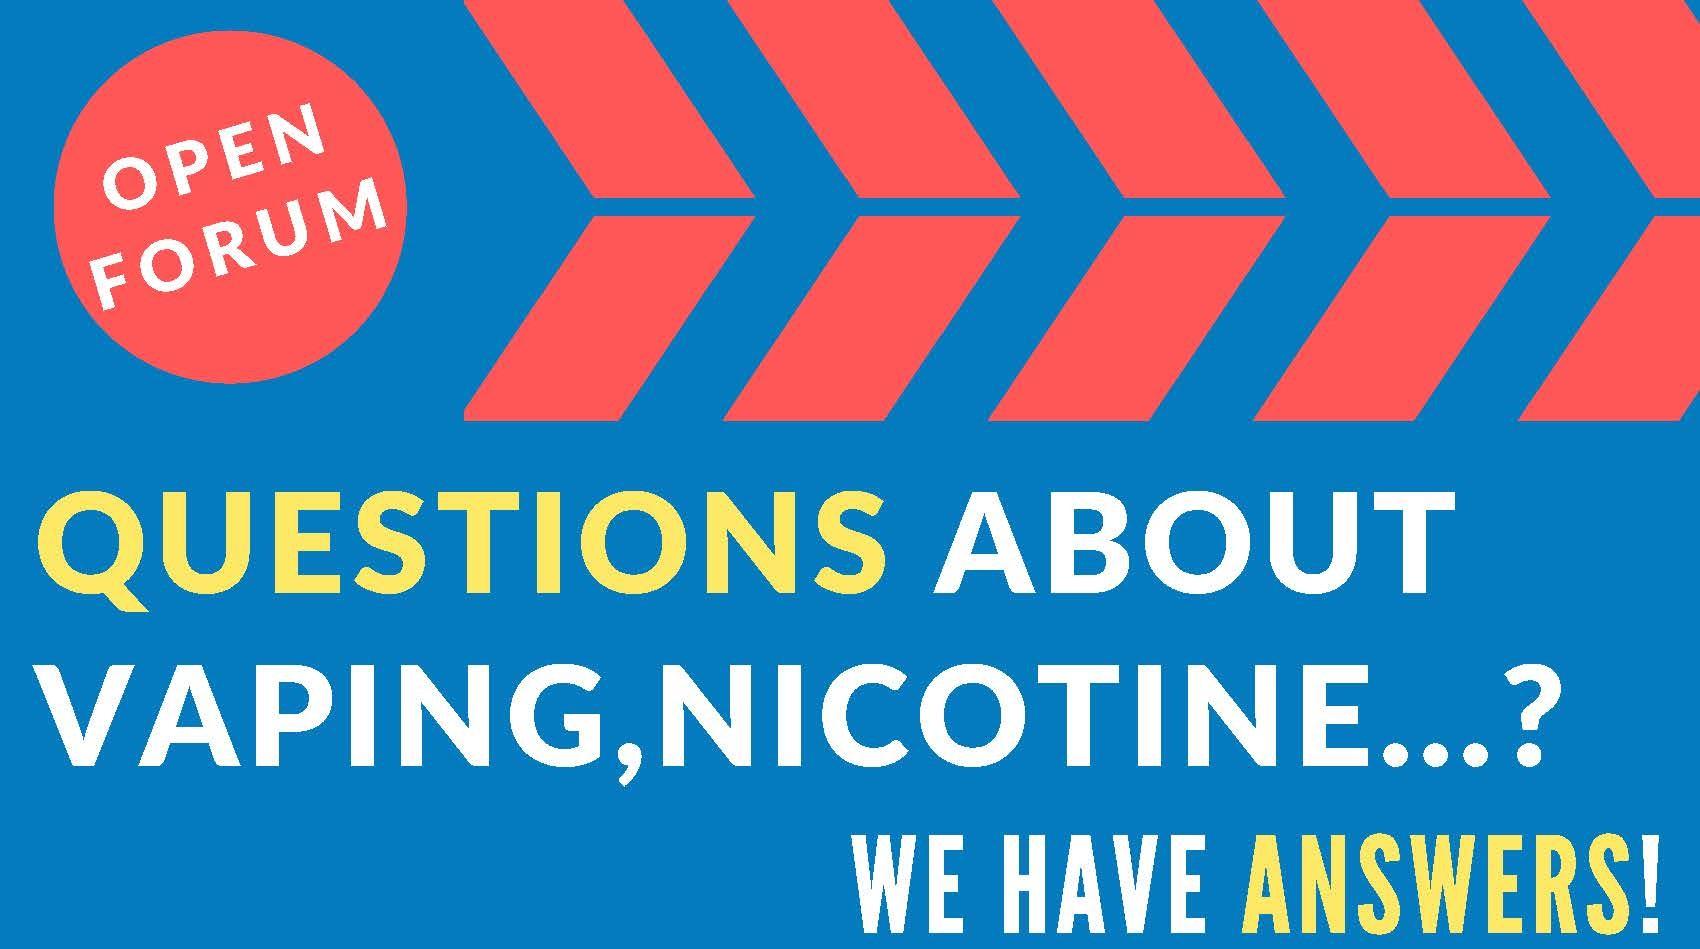 nicotine addiction open forum